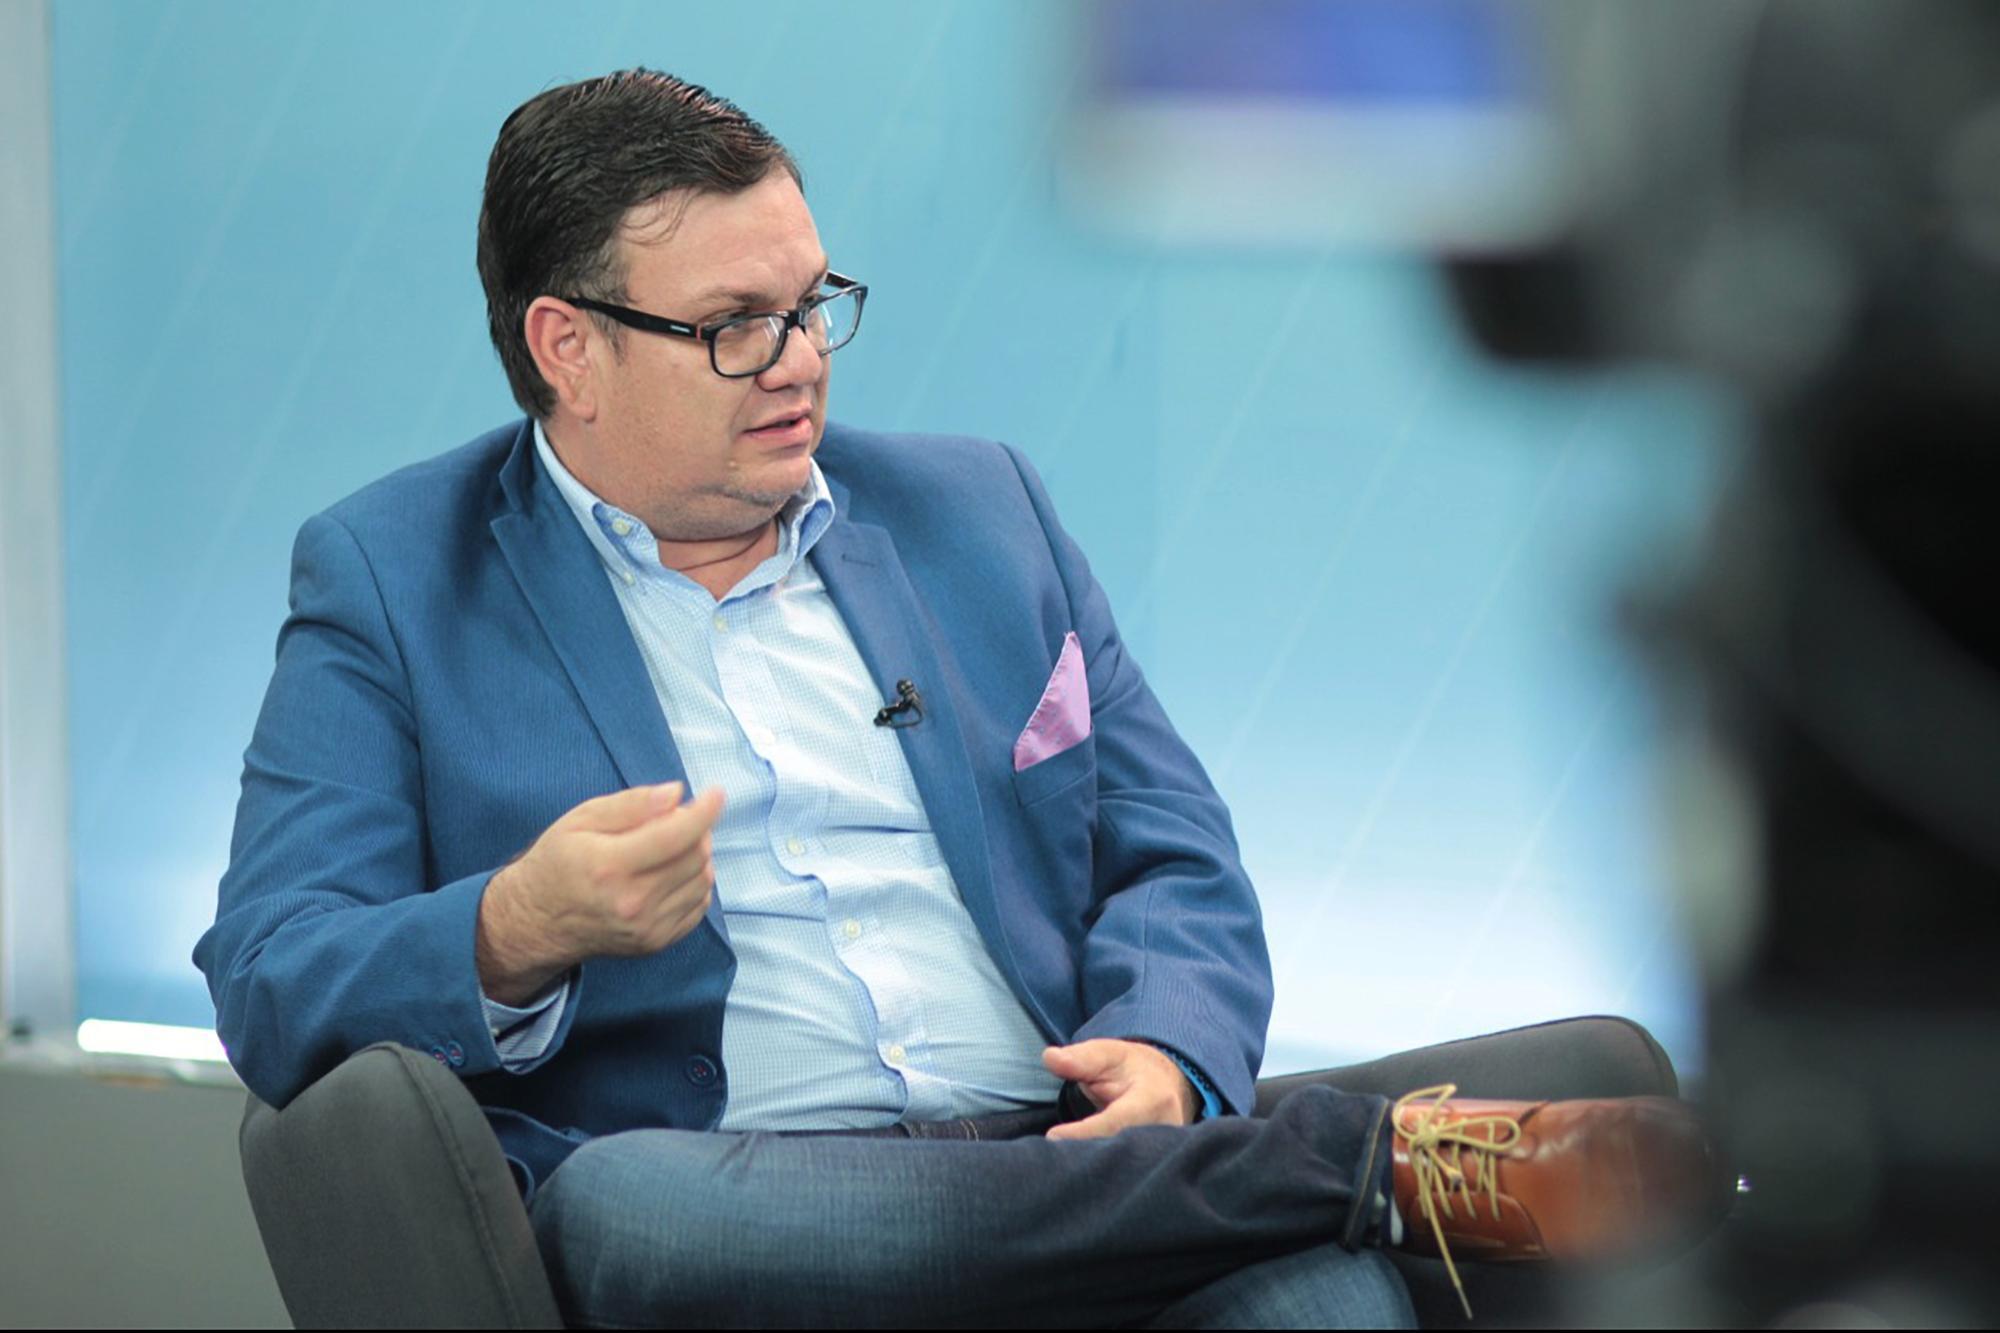 Christian Guevara, candidato a diputado por Nuevas Ideas, en el departamento de San Salvador, durante una entrevista televisiva, octubre de 2020. Foto de El Faro: Cortesía de @informaTVX.